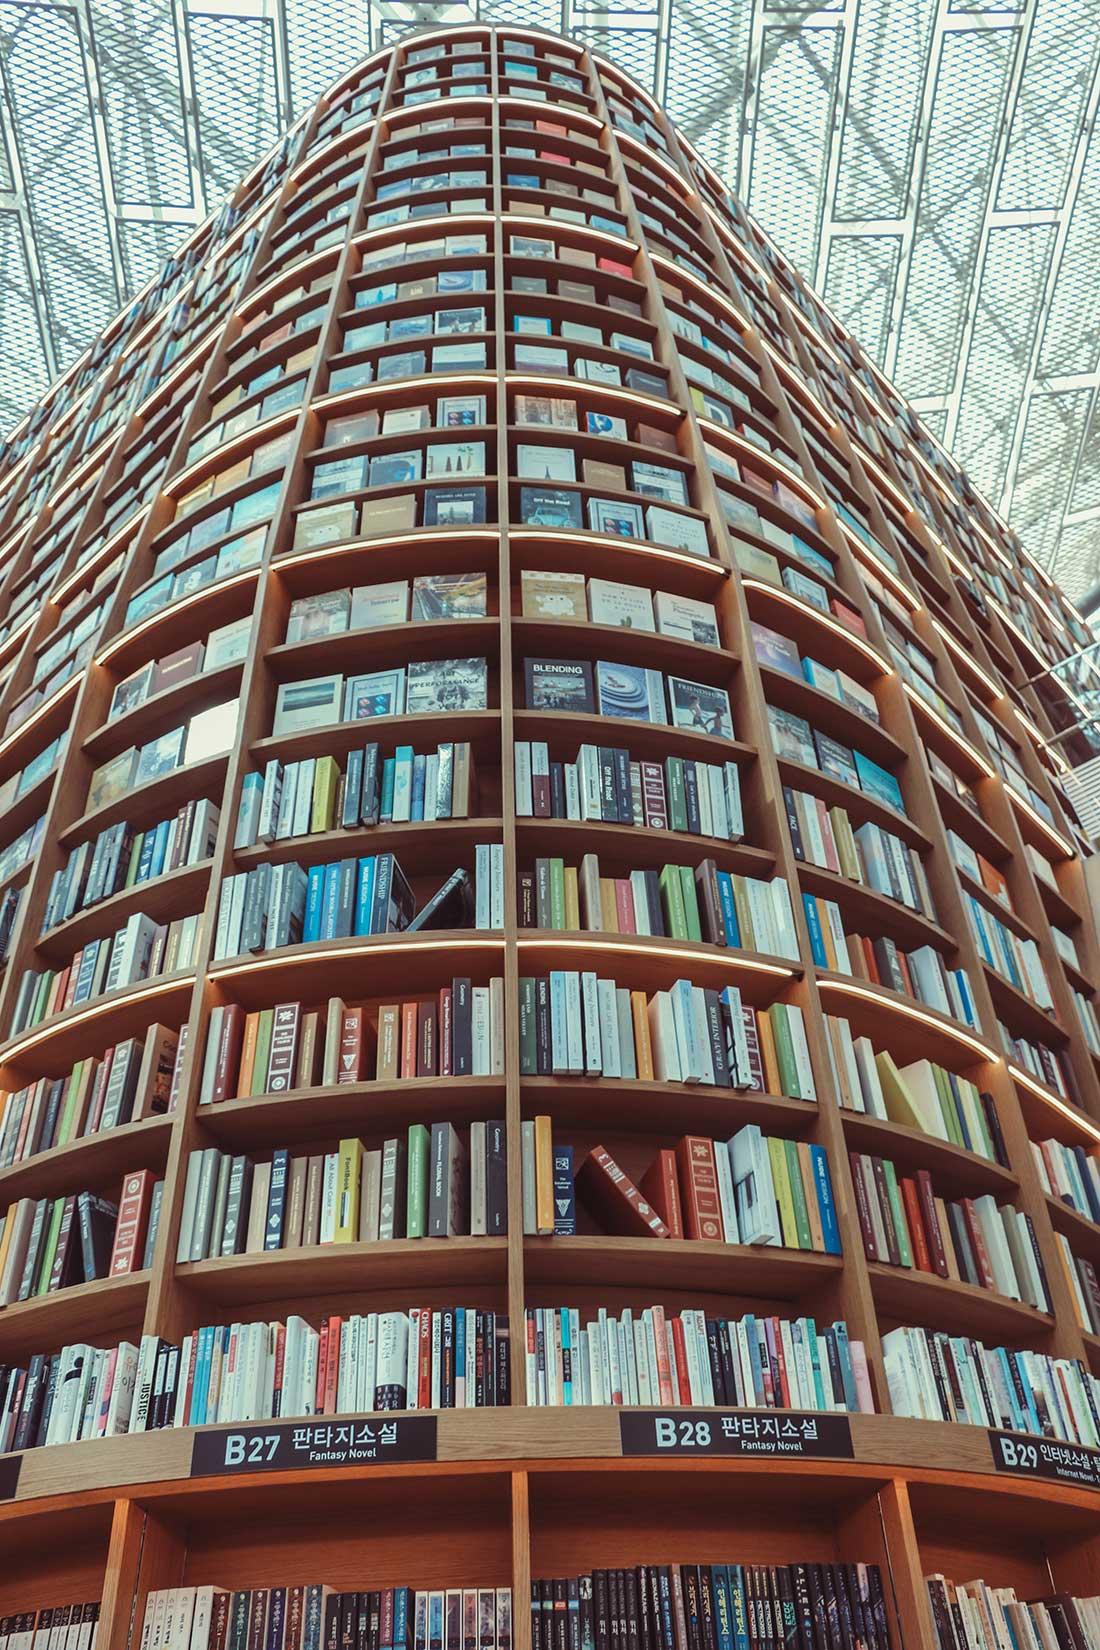 Bücher, Bücher und noch mehr Bücher